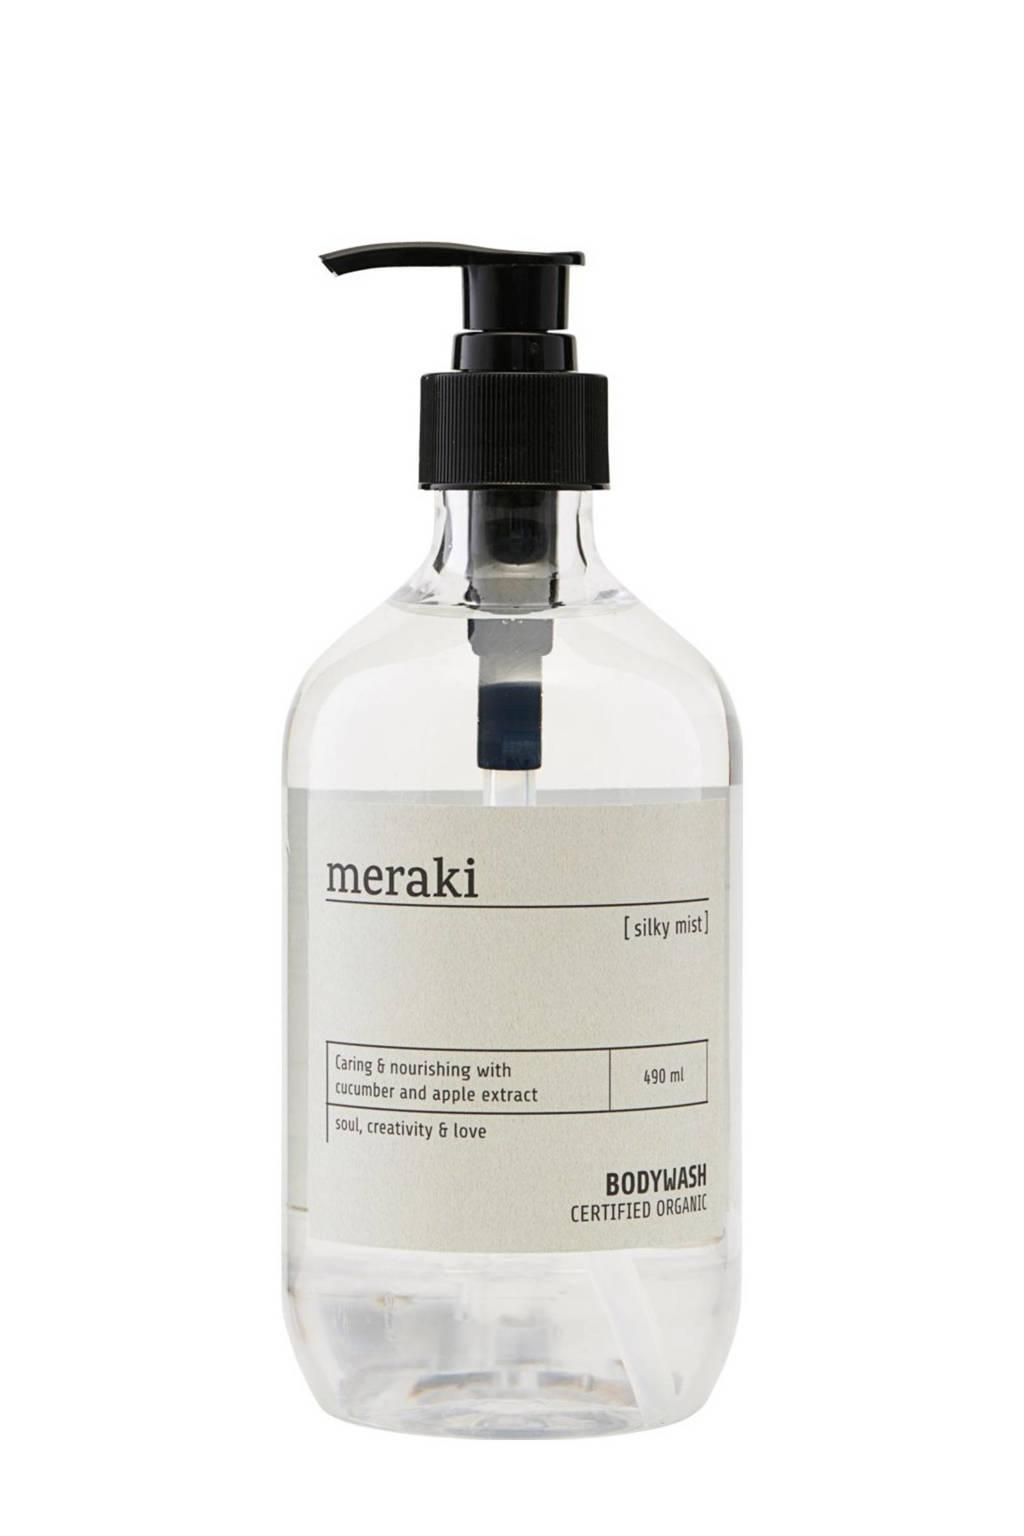 Meraki Silky Mist bodywash - 500 ml